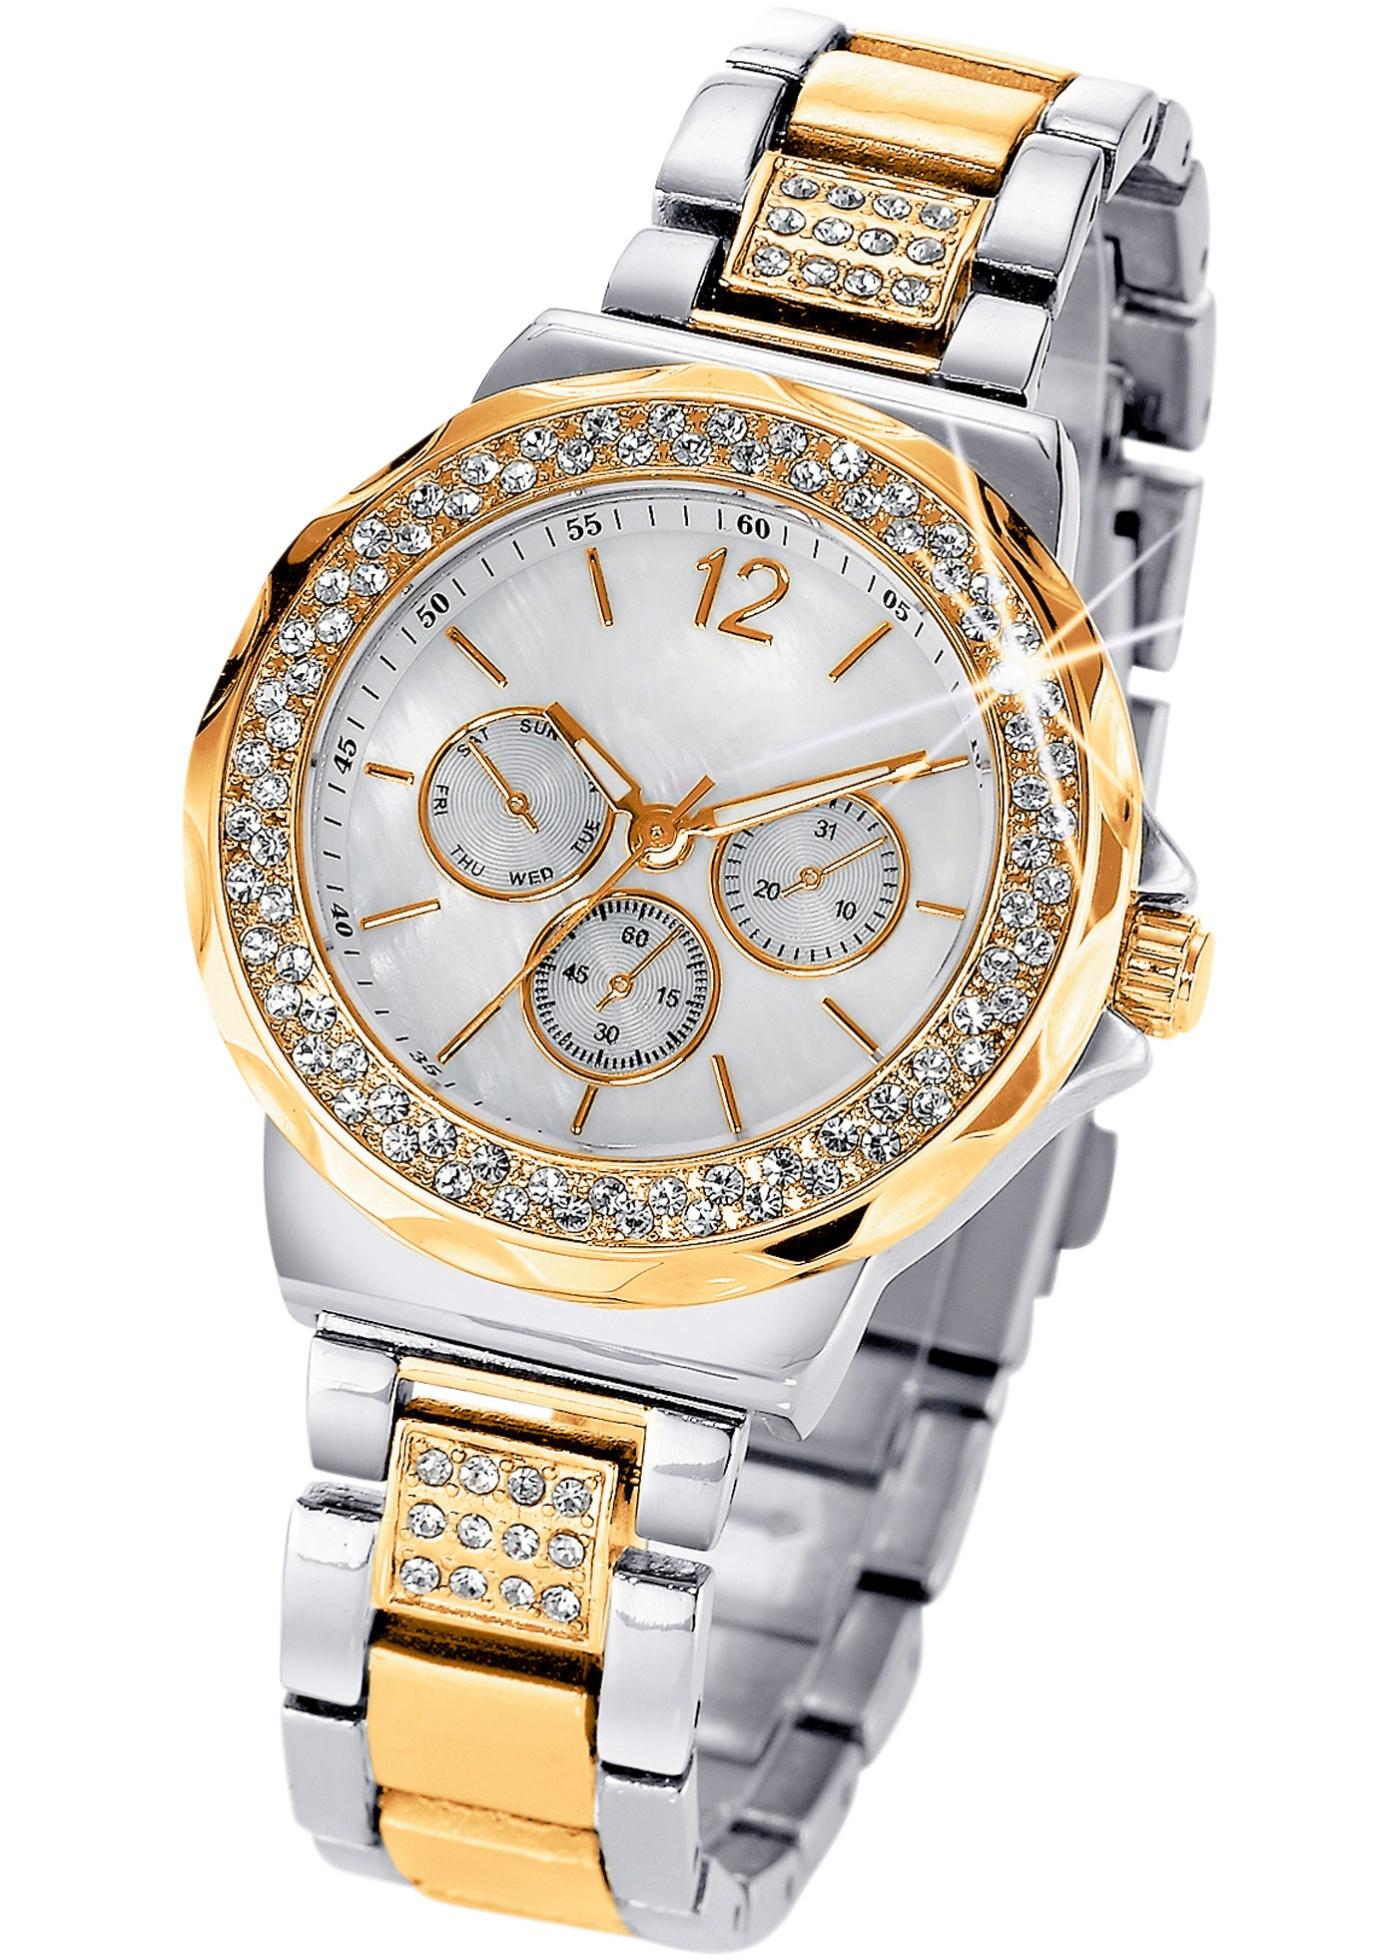 """Montre luxueuse pour femme avec boîtier orné d""""éclats de strass, cadran nacré, style chrono. Diam. boîtier env. 3,8 cm, larg. bracelet env. 1,7 cm. Prix comprenant éco-participation (F) = 0,01 € ou recupel (B) = 0,05 €. Métal."""